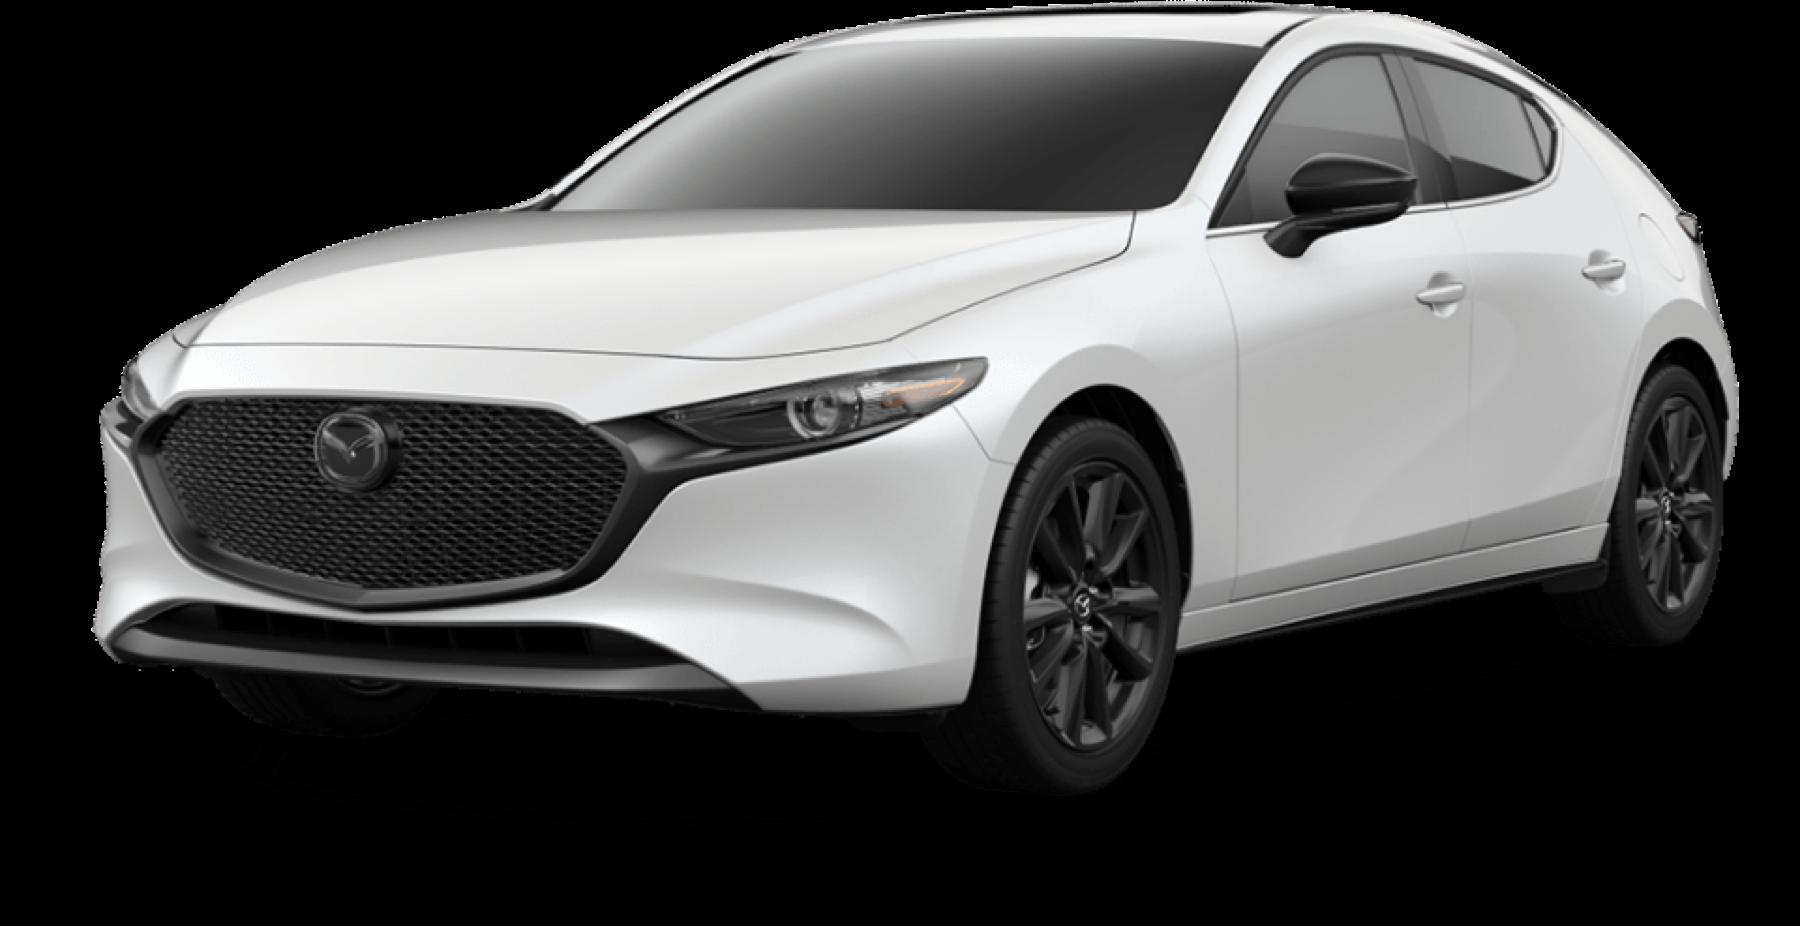 2021 Mazda3 Hatchback, Snowflake White Pearl Mica